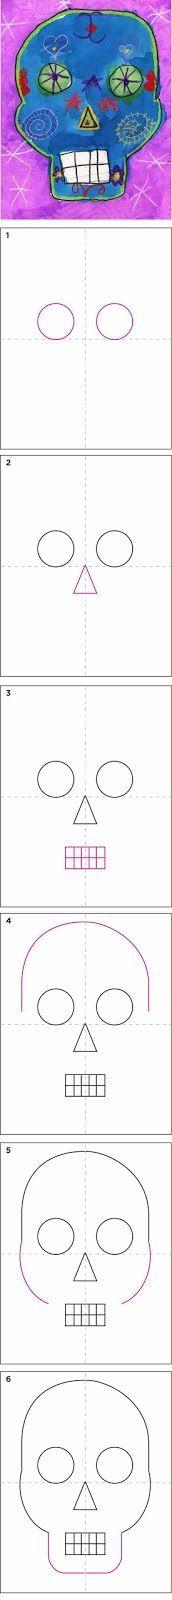 Art Projects for Kids: How to Draw a Skull Dia de los Muertos Art Halloween, Halloween Art Projects, Fall Art Projects, School Art Projects, 1st Grade Crafts, Hispanic Art, Art Handouts, 2nd Grade Art, Ecole Art